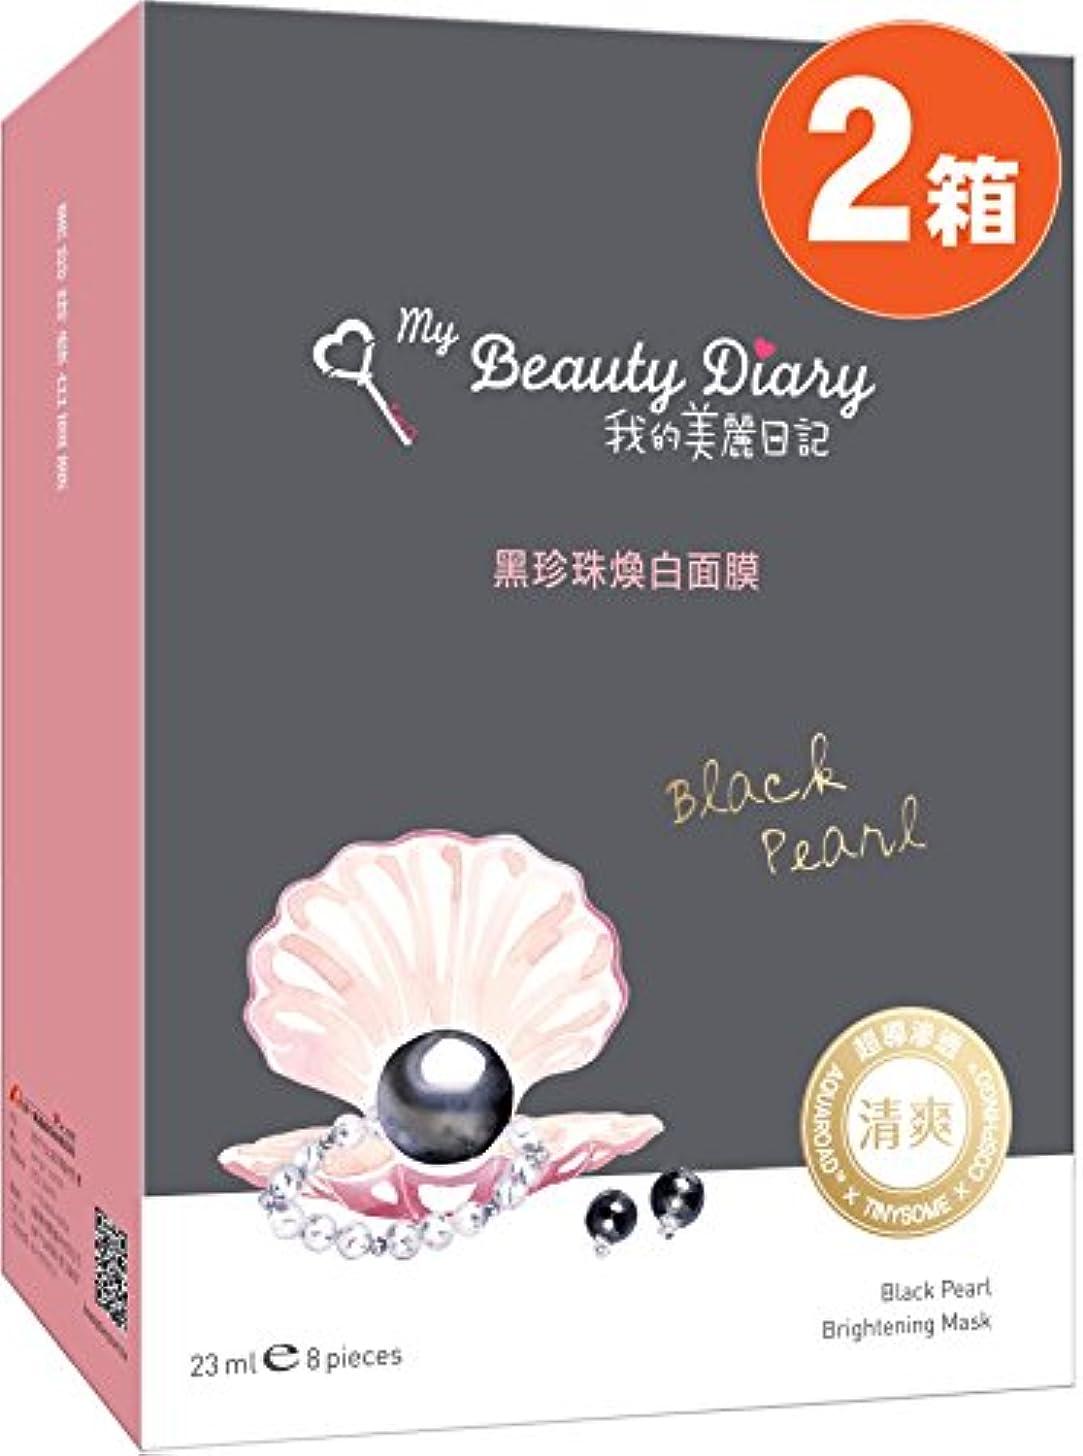 ポインタ戸棚影我的美麗日記 私のきれい日記 黒真珠マスク 8枚入り x 2個 [並行輸入品]